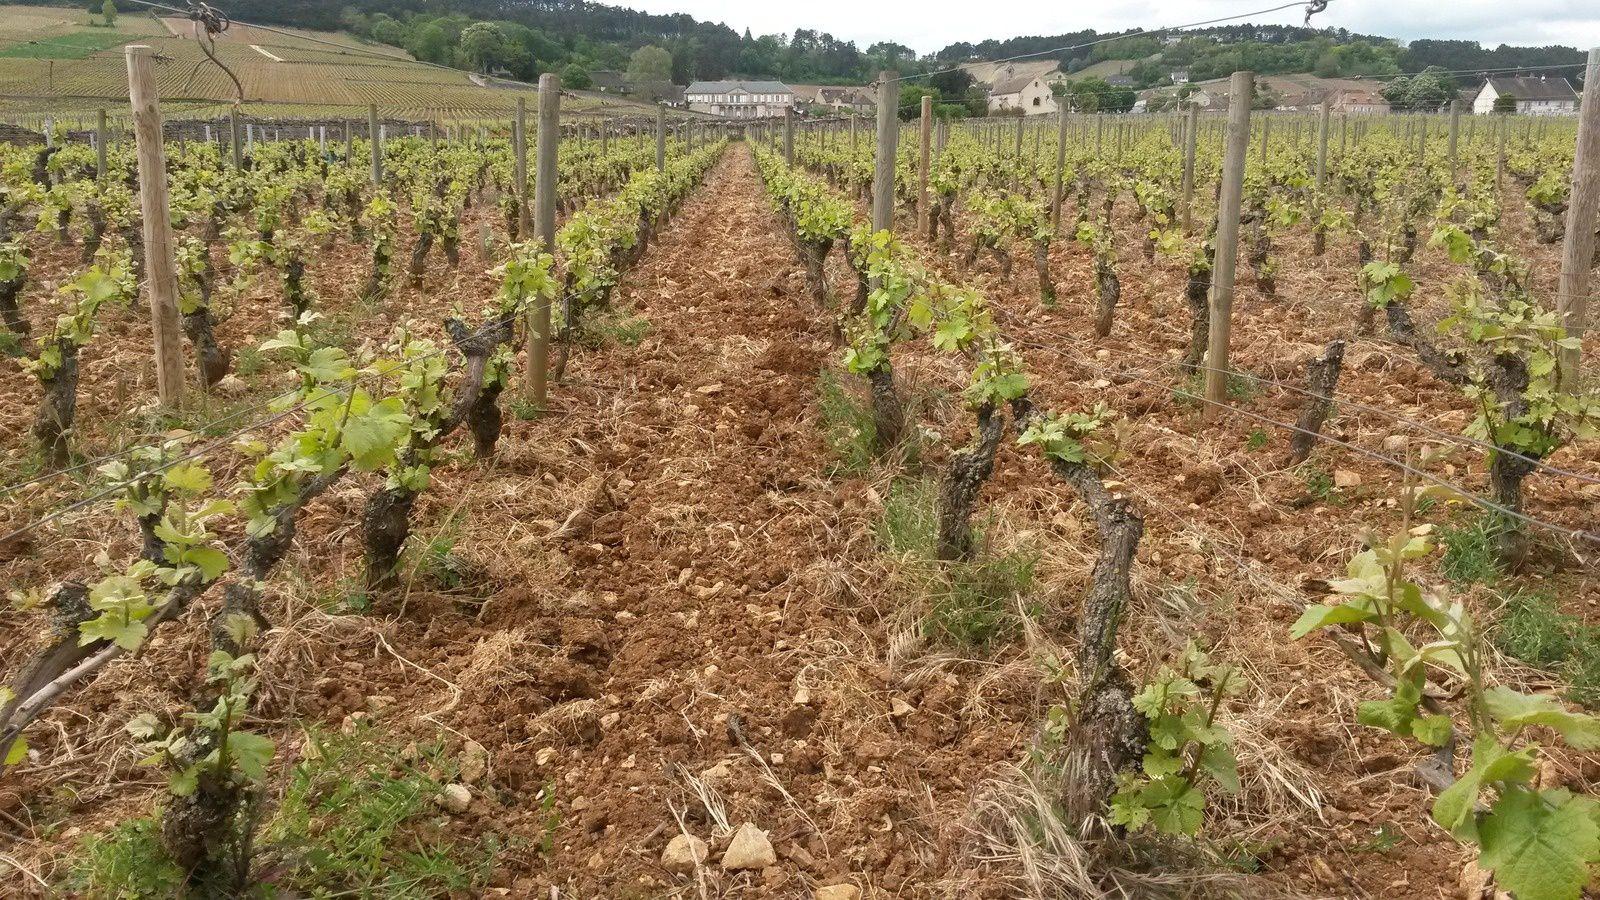 Vignes parfaitement entretenues chez Thomas Bouley, à Volnay